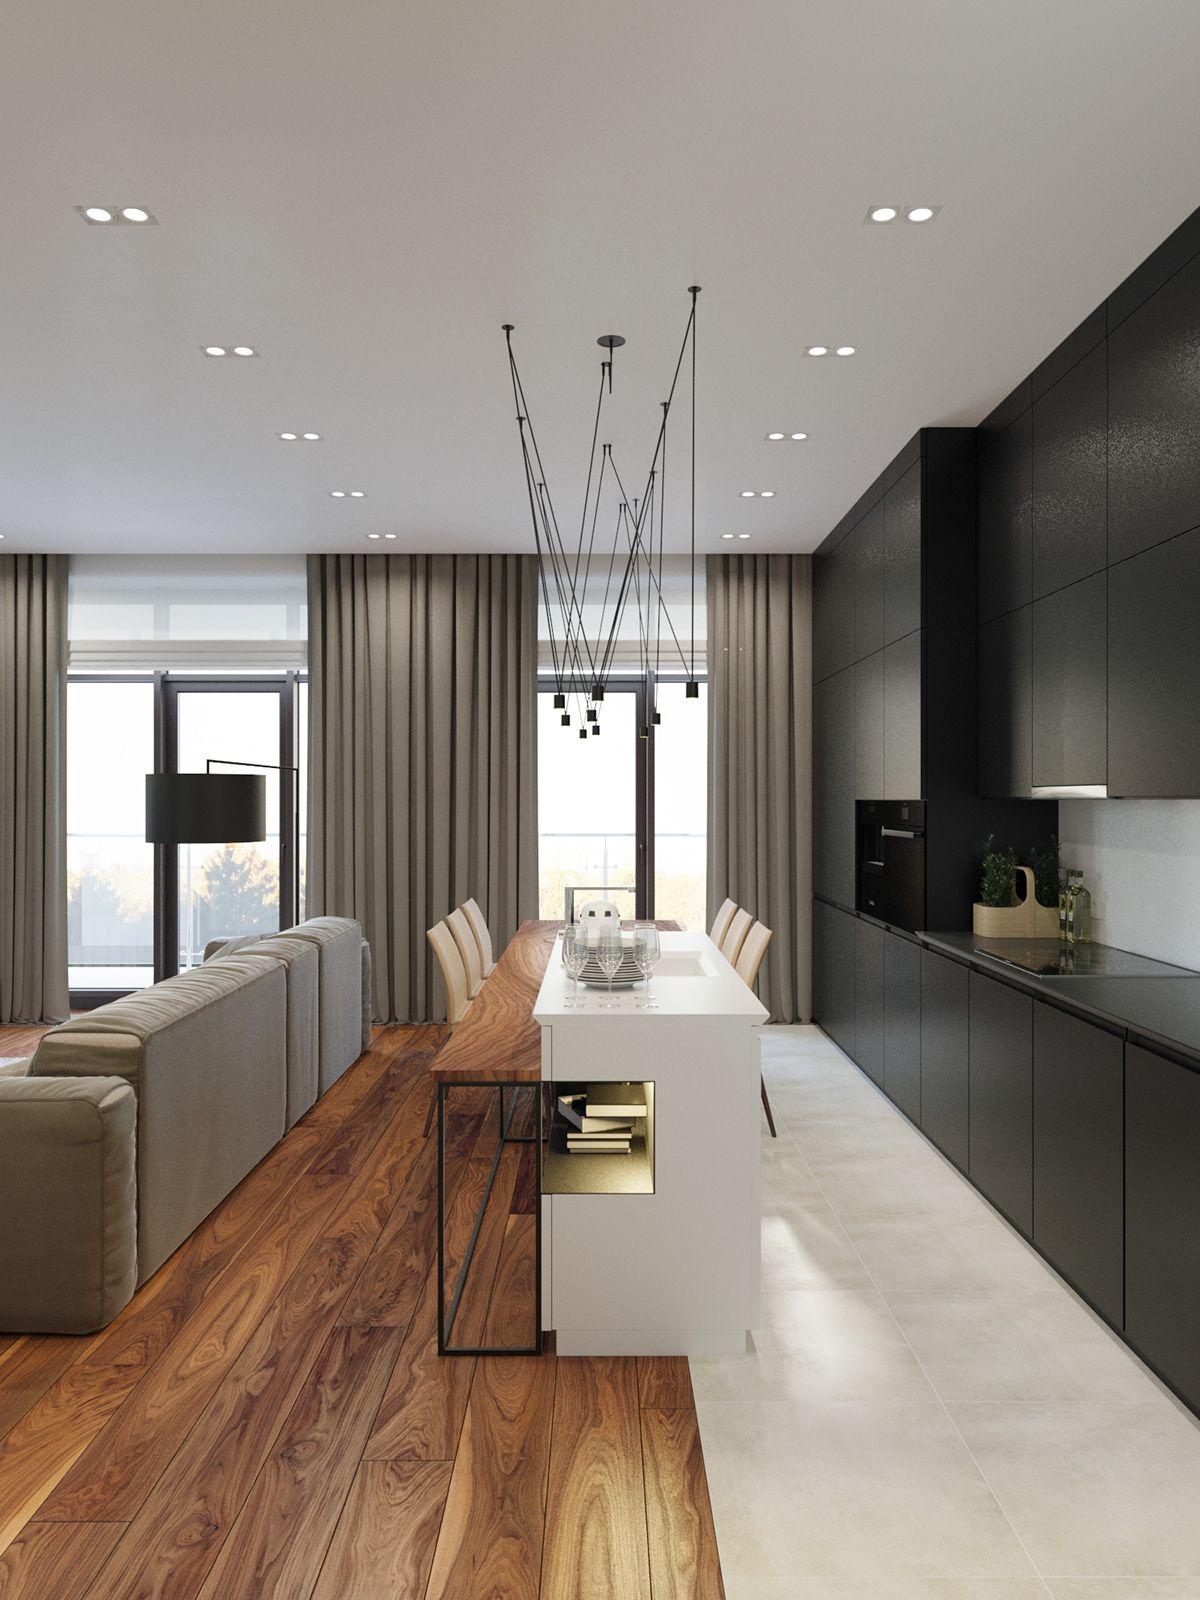 pin von elithia marshi auf modern home design pinterest haus wohnzimmer und wohnung k che. Black Bedroom Furniture Sets. Home Design Ideas